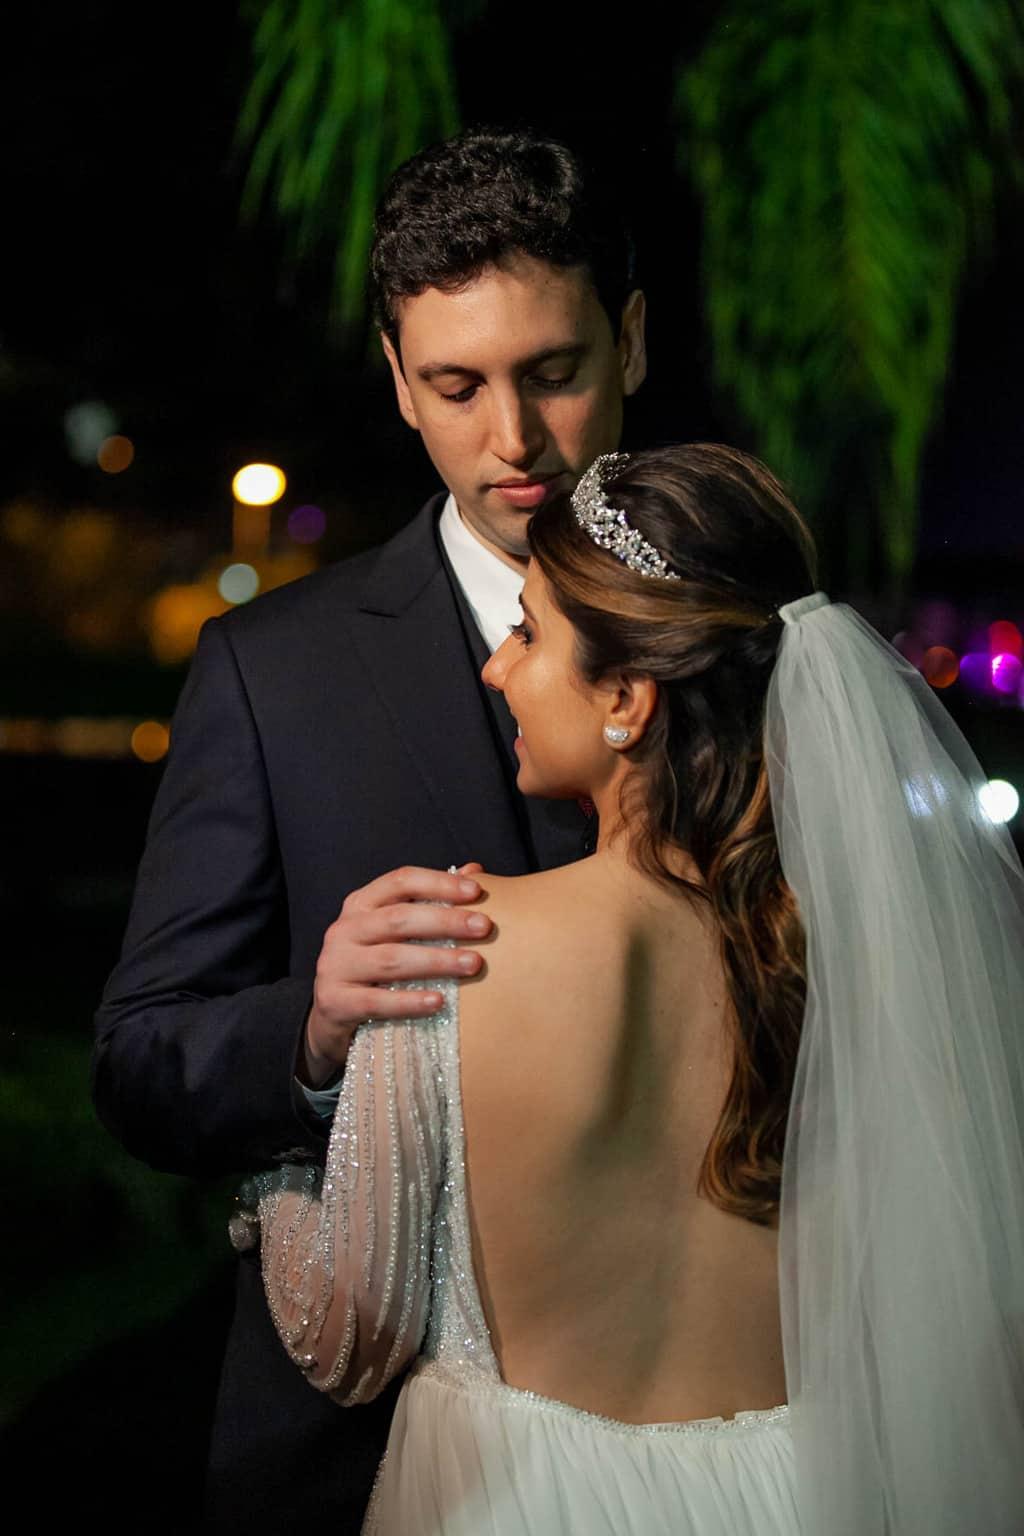 casamento-luiza-e-gustavo-cerimonial-casamento-de-ideias-foto-do-casal-fotografia-lenine-serejo51